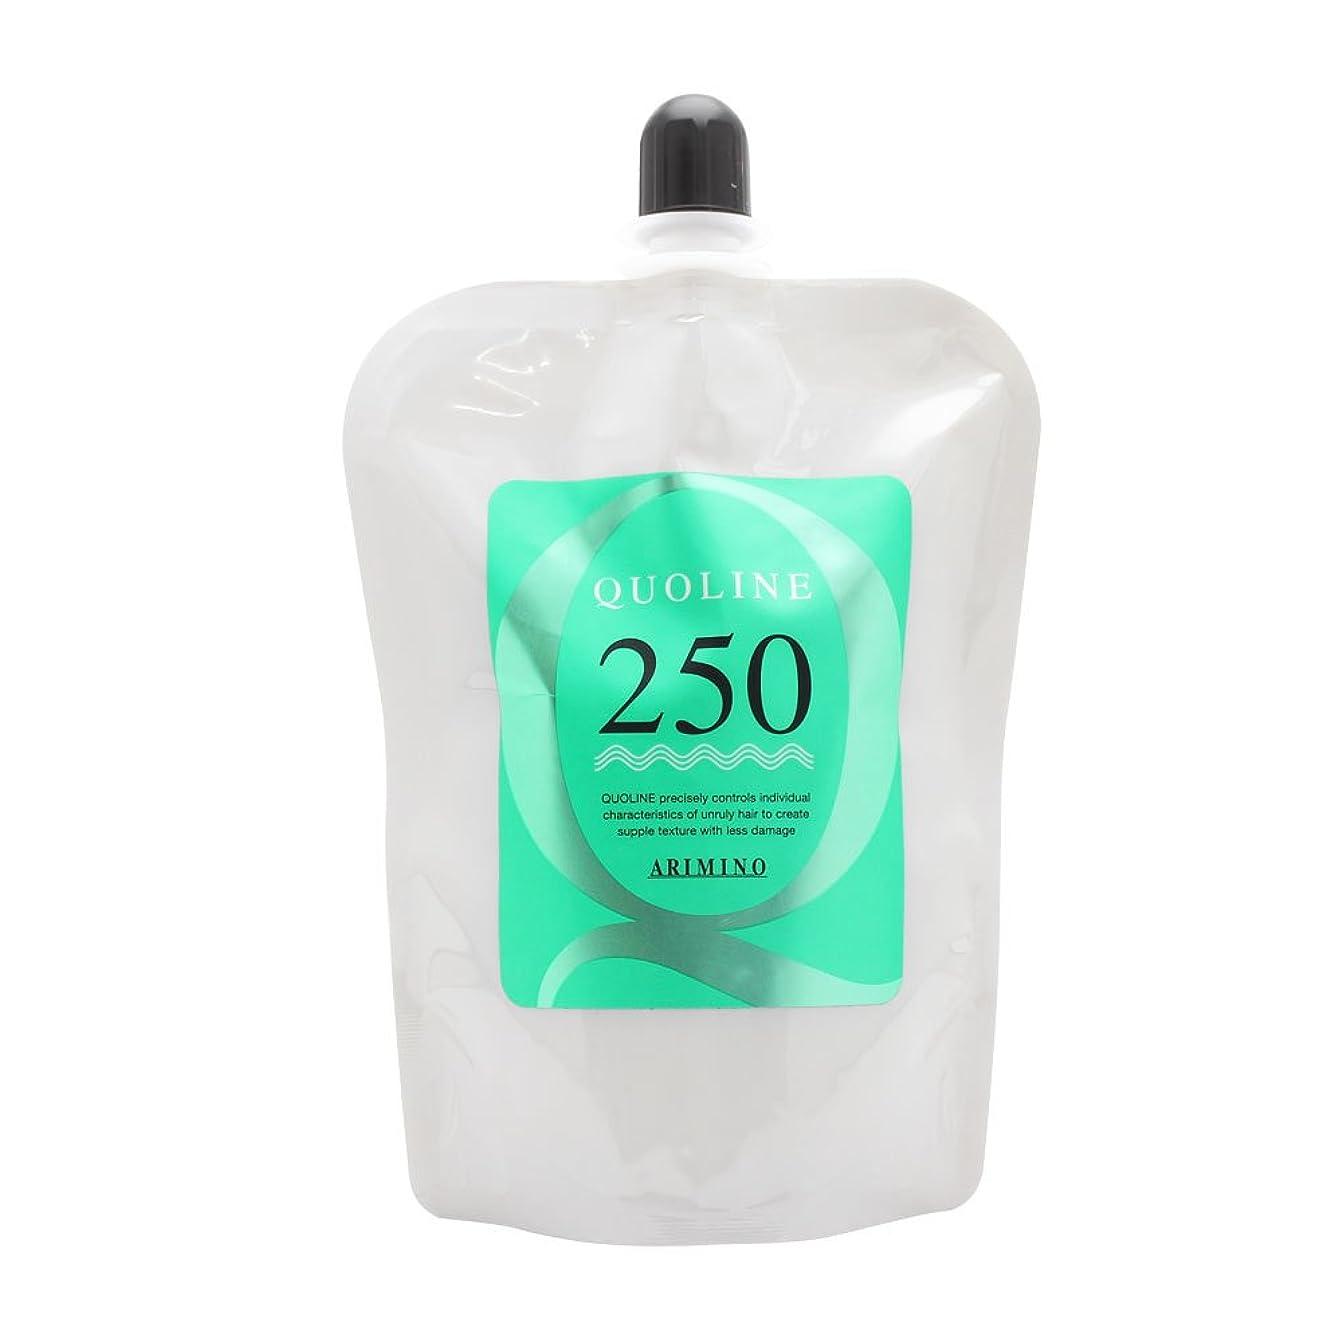 受け入れ年金環境保護主義者アリミノ クオライン T-C 250 1剤 400g